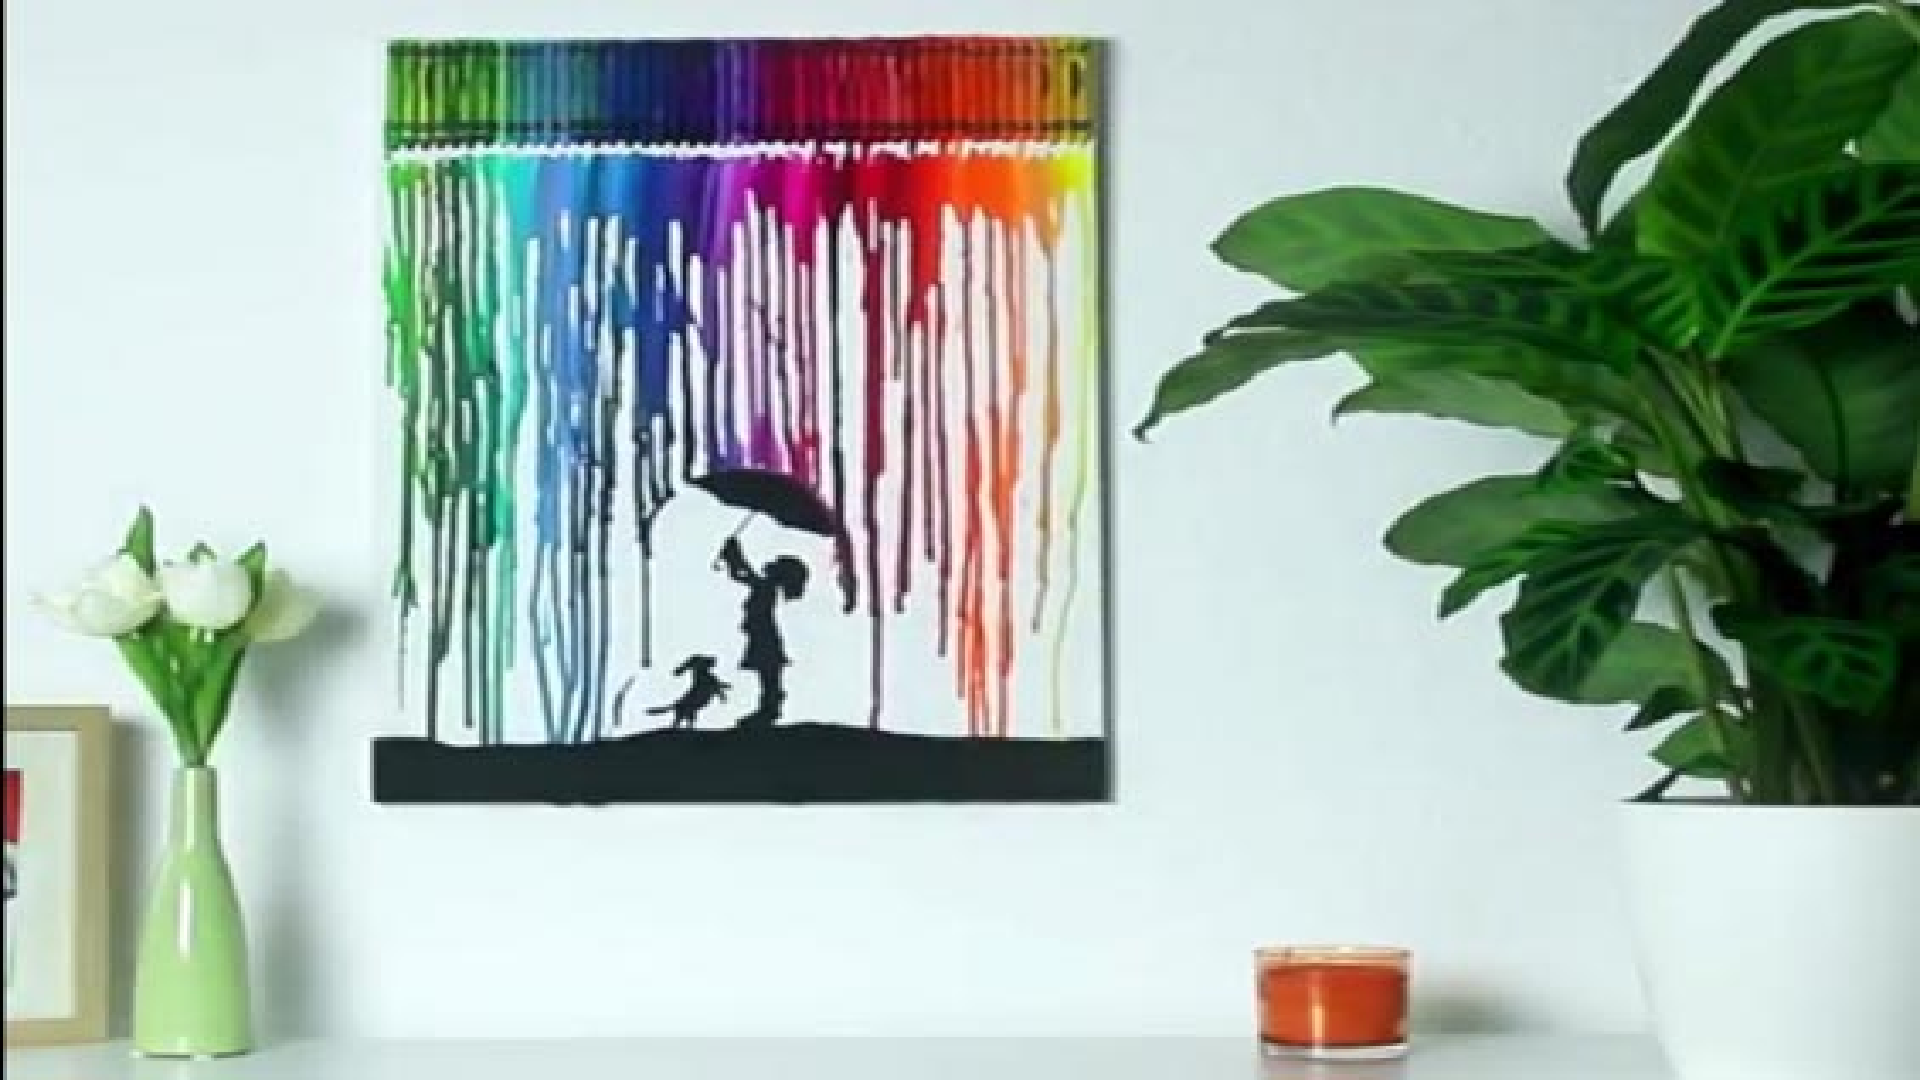 تابلوهای هنری رنگارنگ بسازید | فیلم